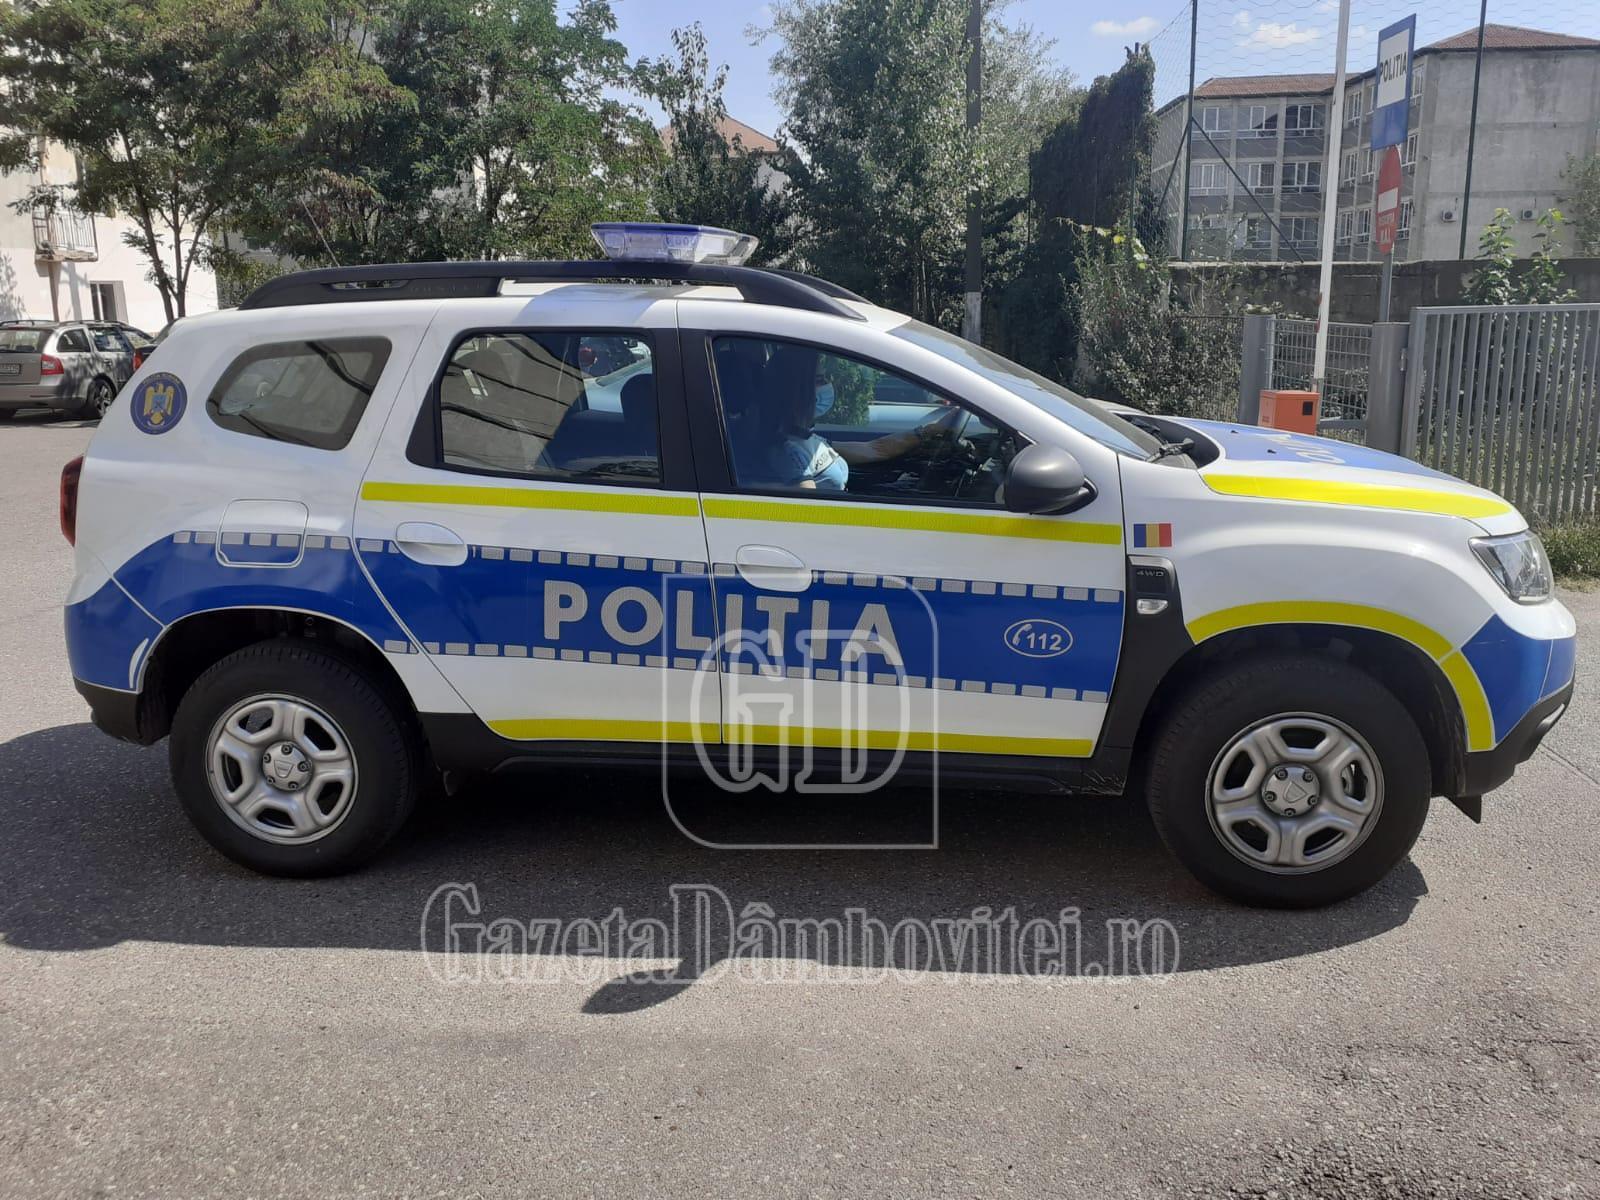 DÂMBOVIȚA: Se intensifică controalele anti Covid-19! Sute de amenzi pentru nerespectarea regulilor